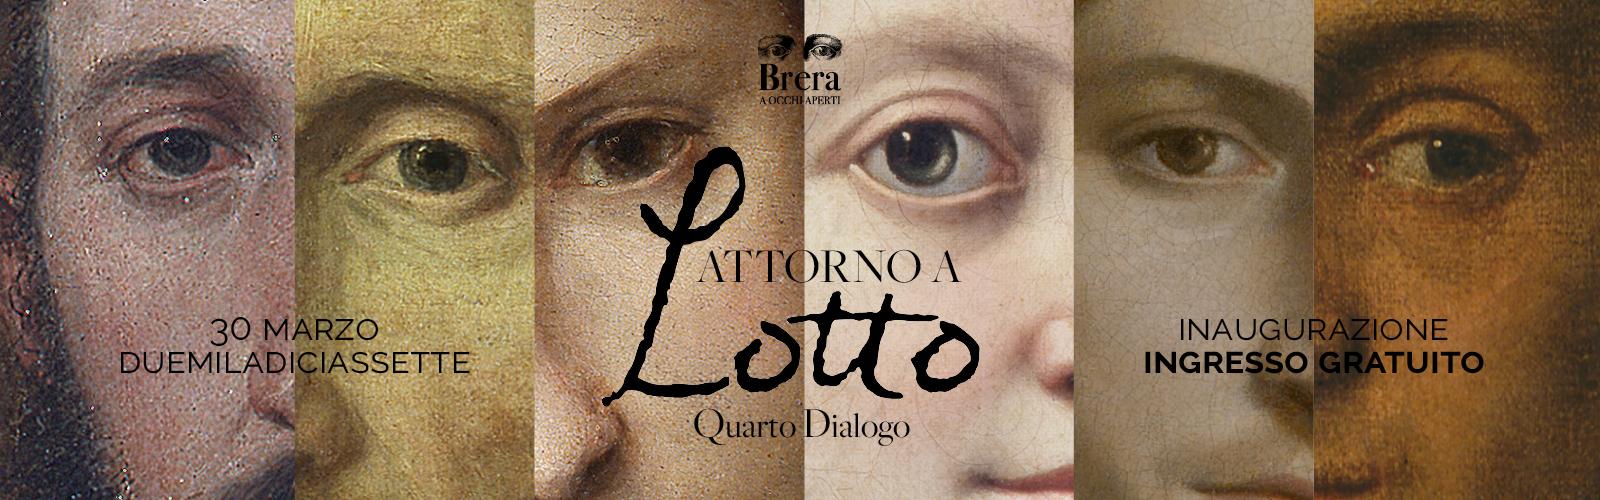 """Inaugurazione quarto dialogo """"Attorno a Lotto"""""""